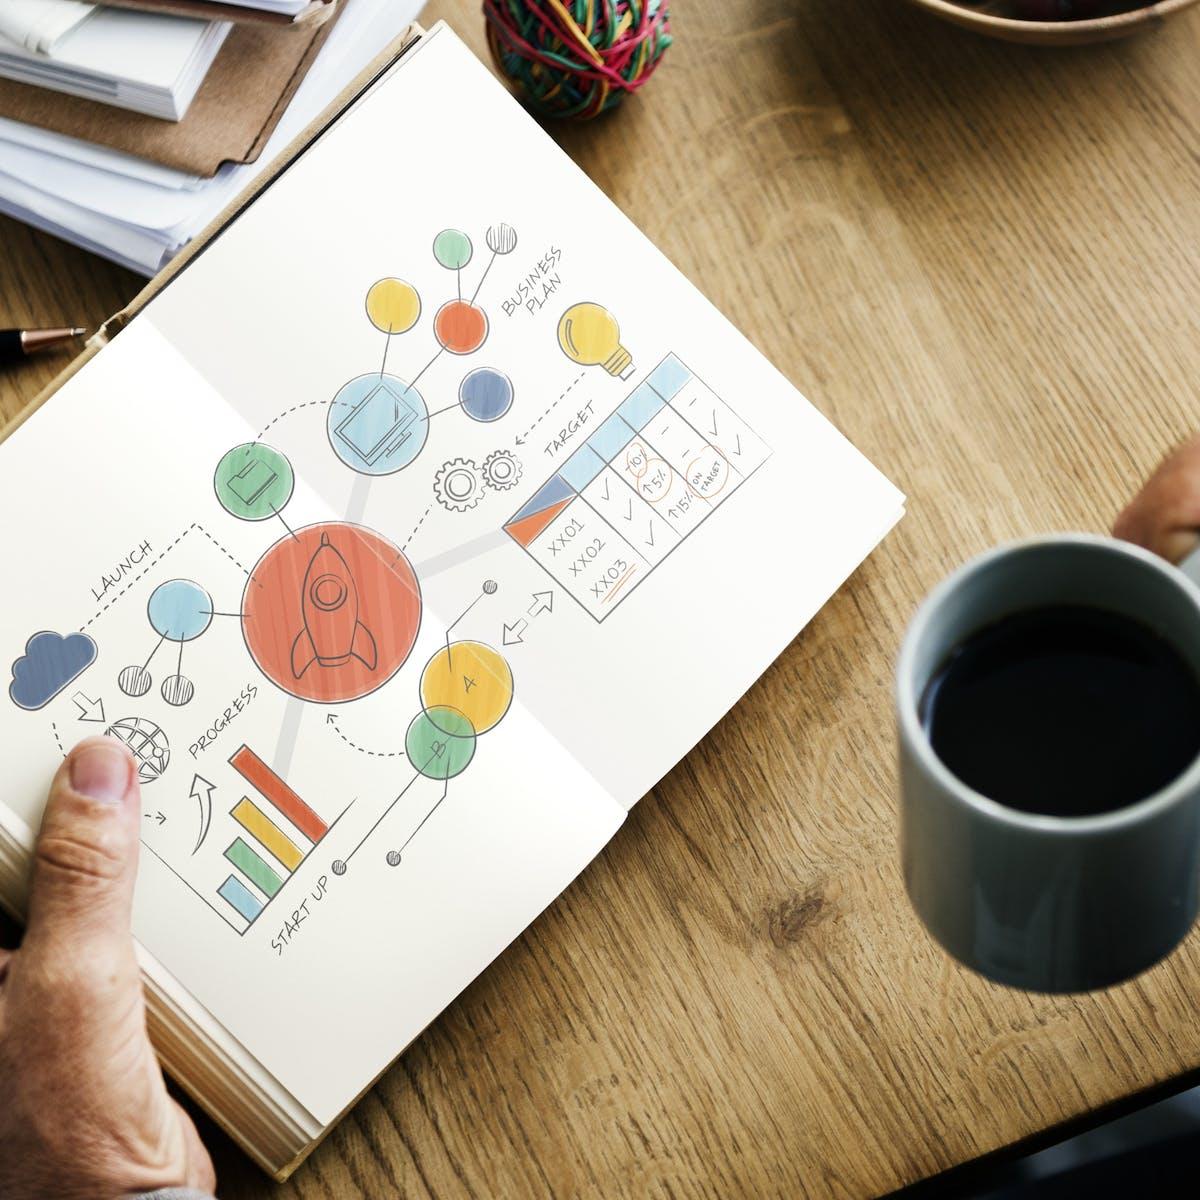 Titelbild-Erfolgsfaktoren-treiberbasierter-Planung-Schreibtisch-Notizbuch-pixabay-3268752-rawpixel